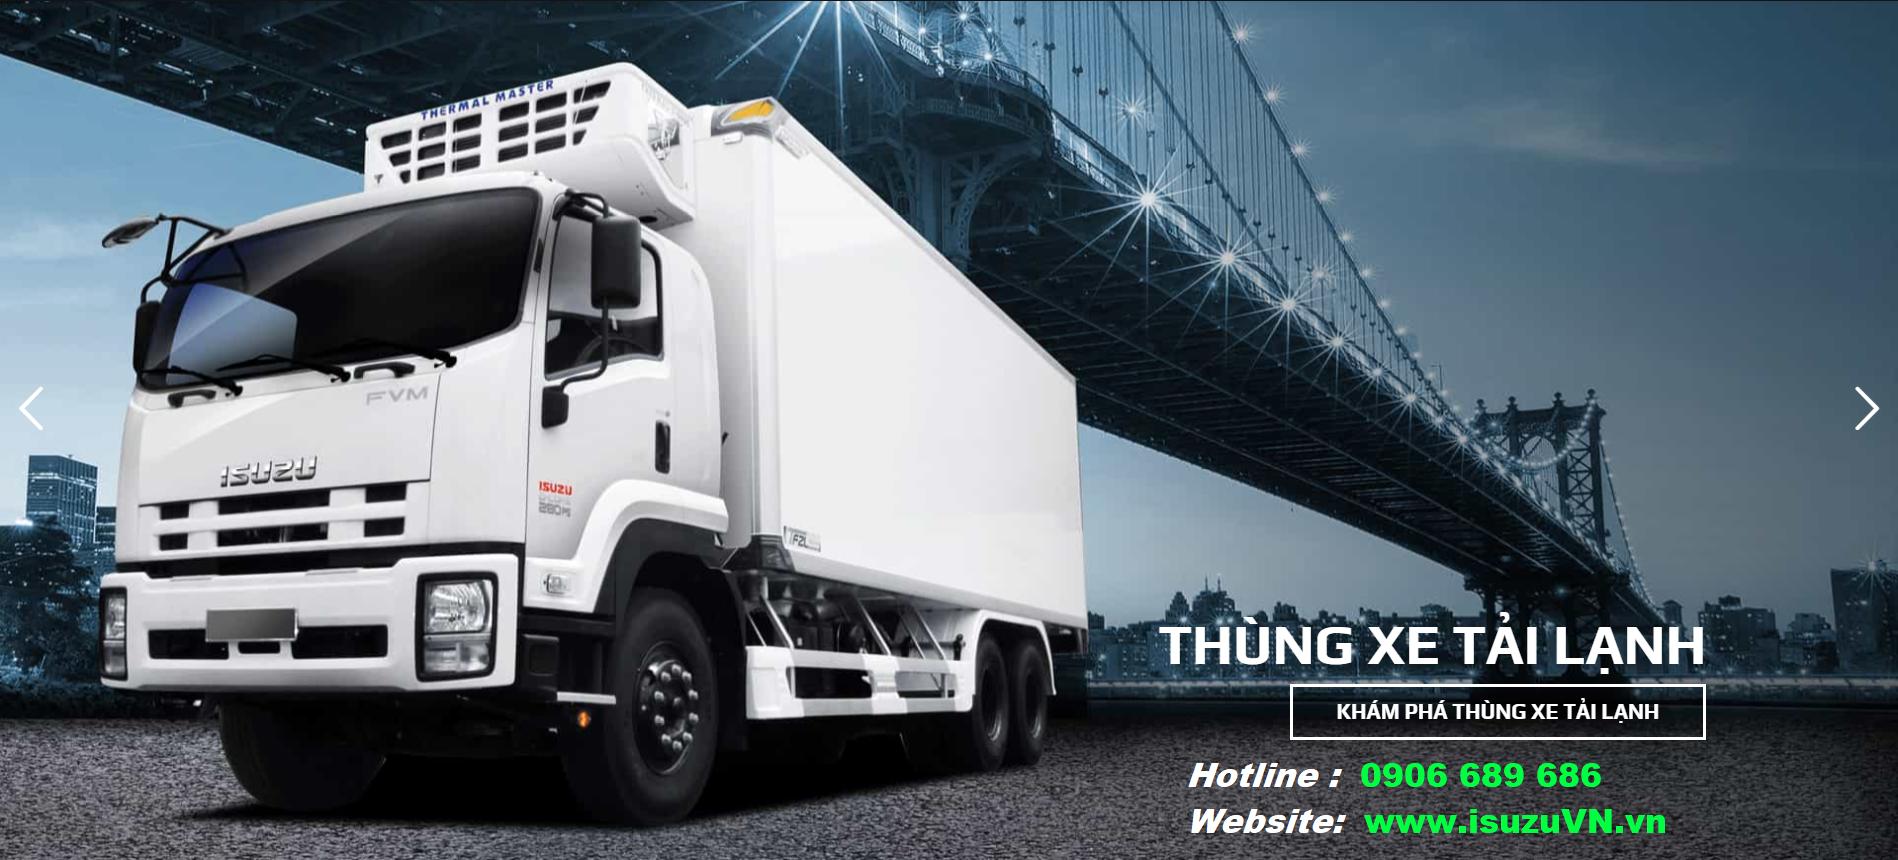 Xe tải thùng đông lạnh Isuzu Quyền Auto (1)